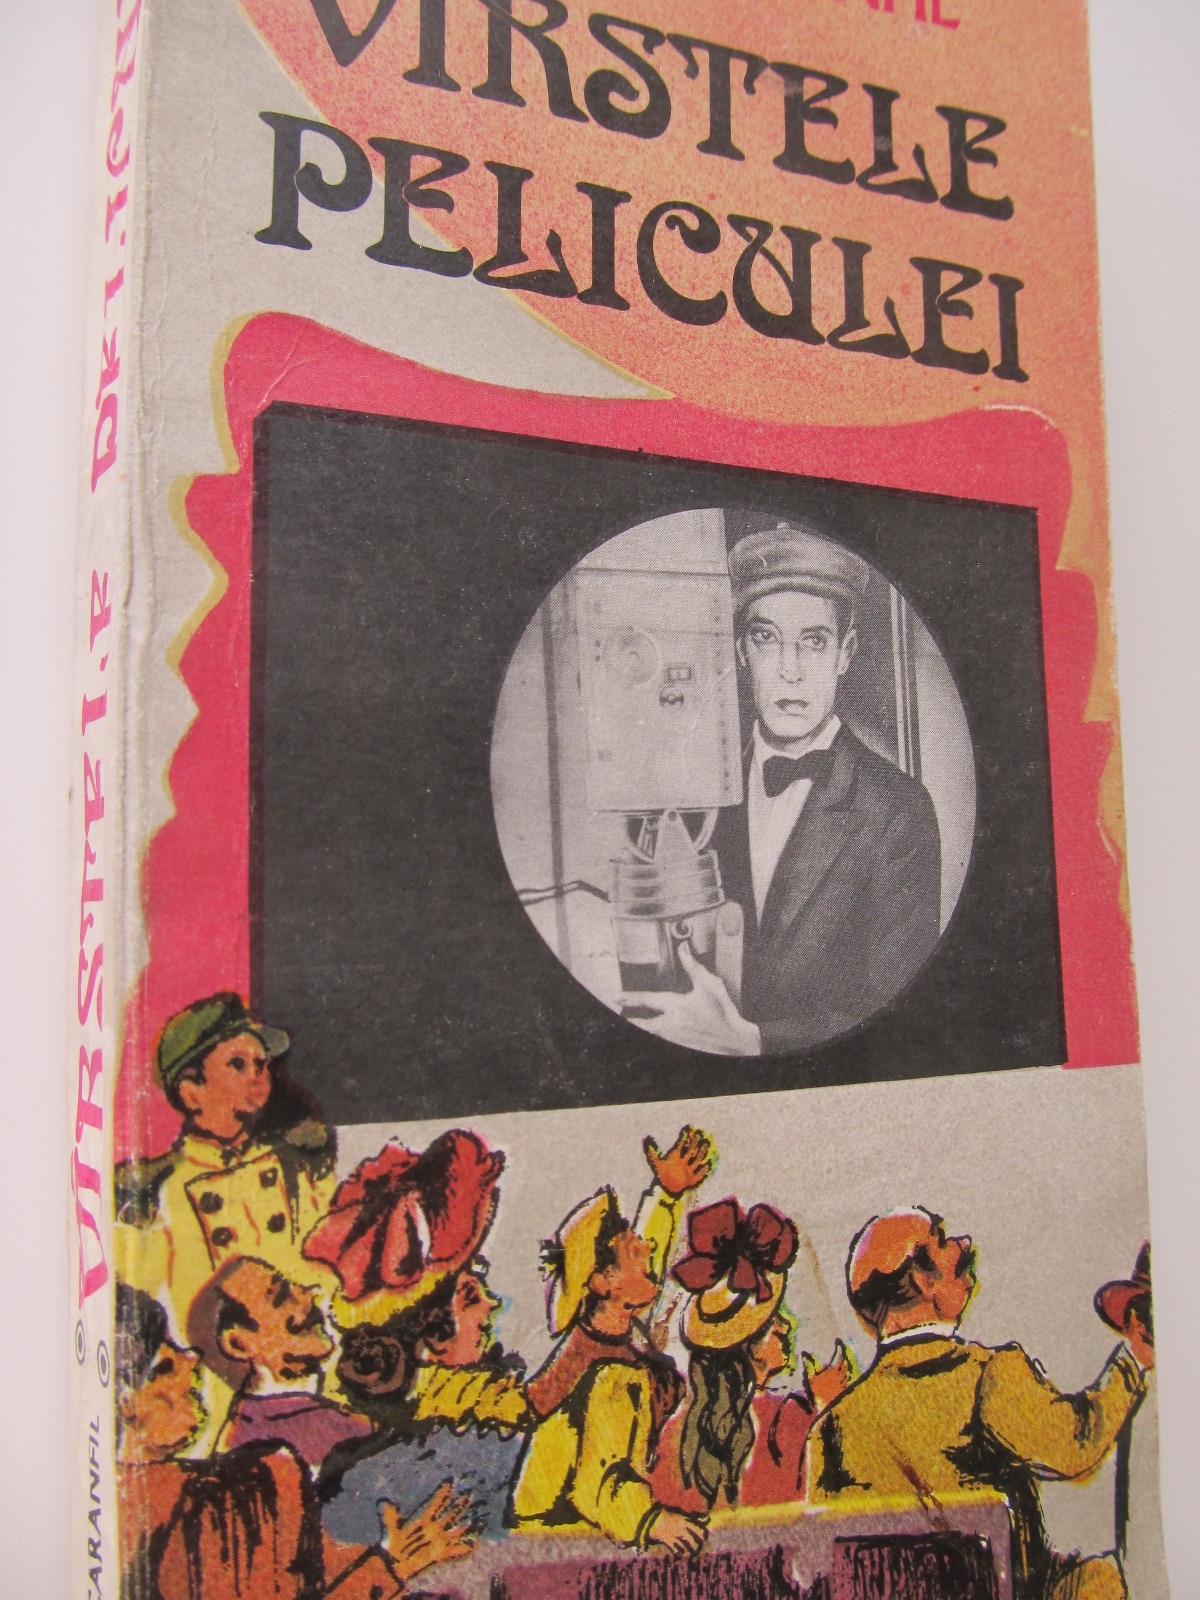 Varstele peliculei (vol. II) - (1924-1927) - Tudor Caranfil | Detalii carte